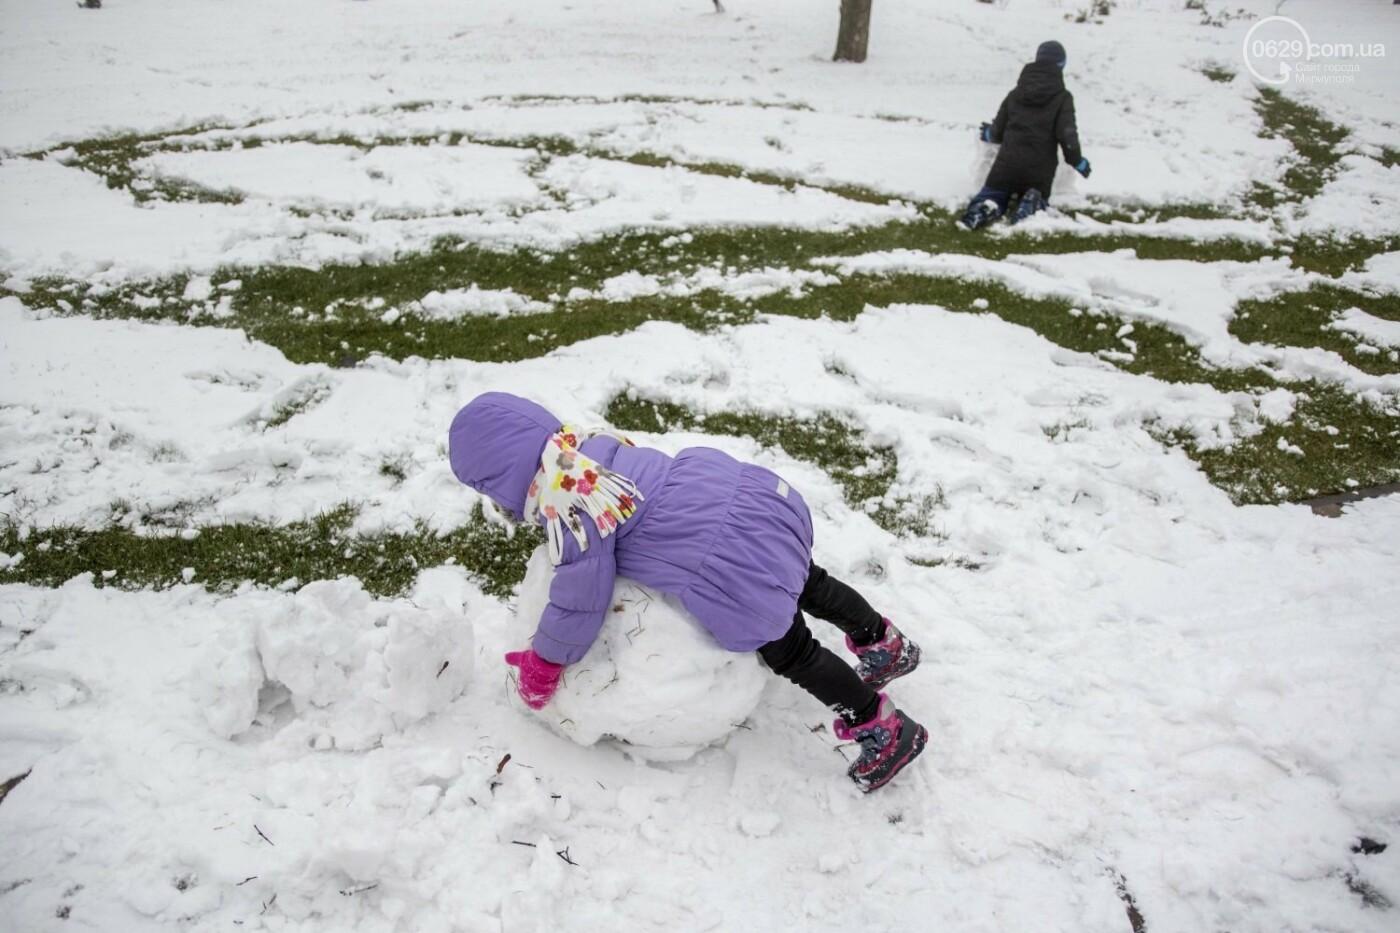 38 фотографий, одна ворона и одна синица... ФОТОРЕПОРТАЖ для тех, кто проспал первый настоящий снег, фото-27